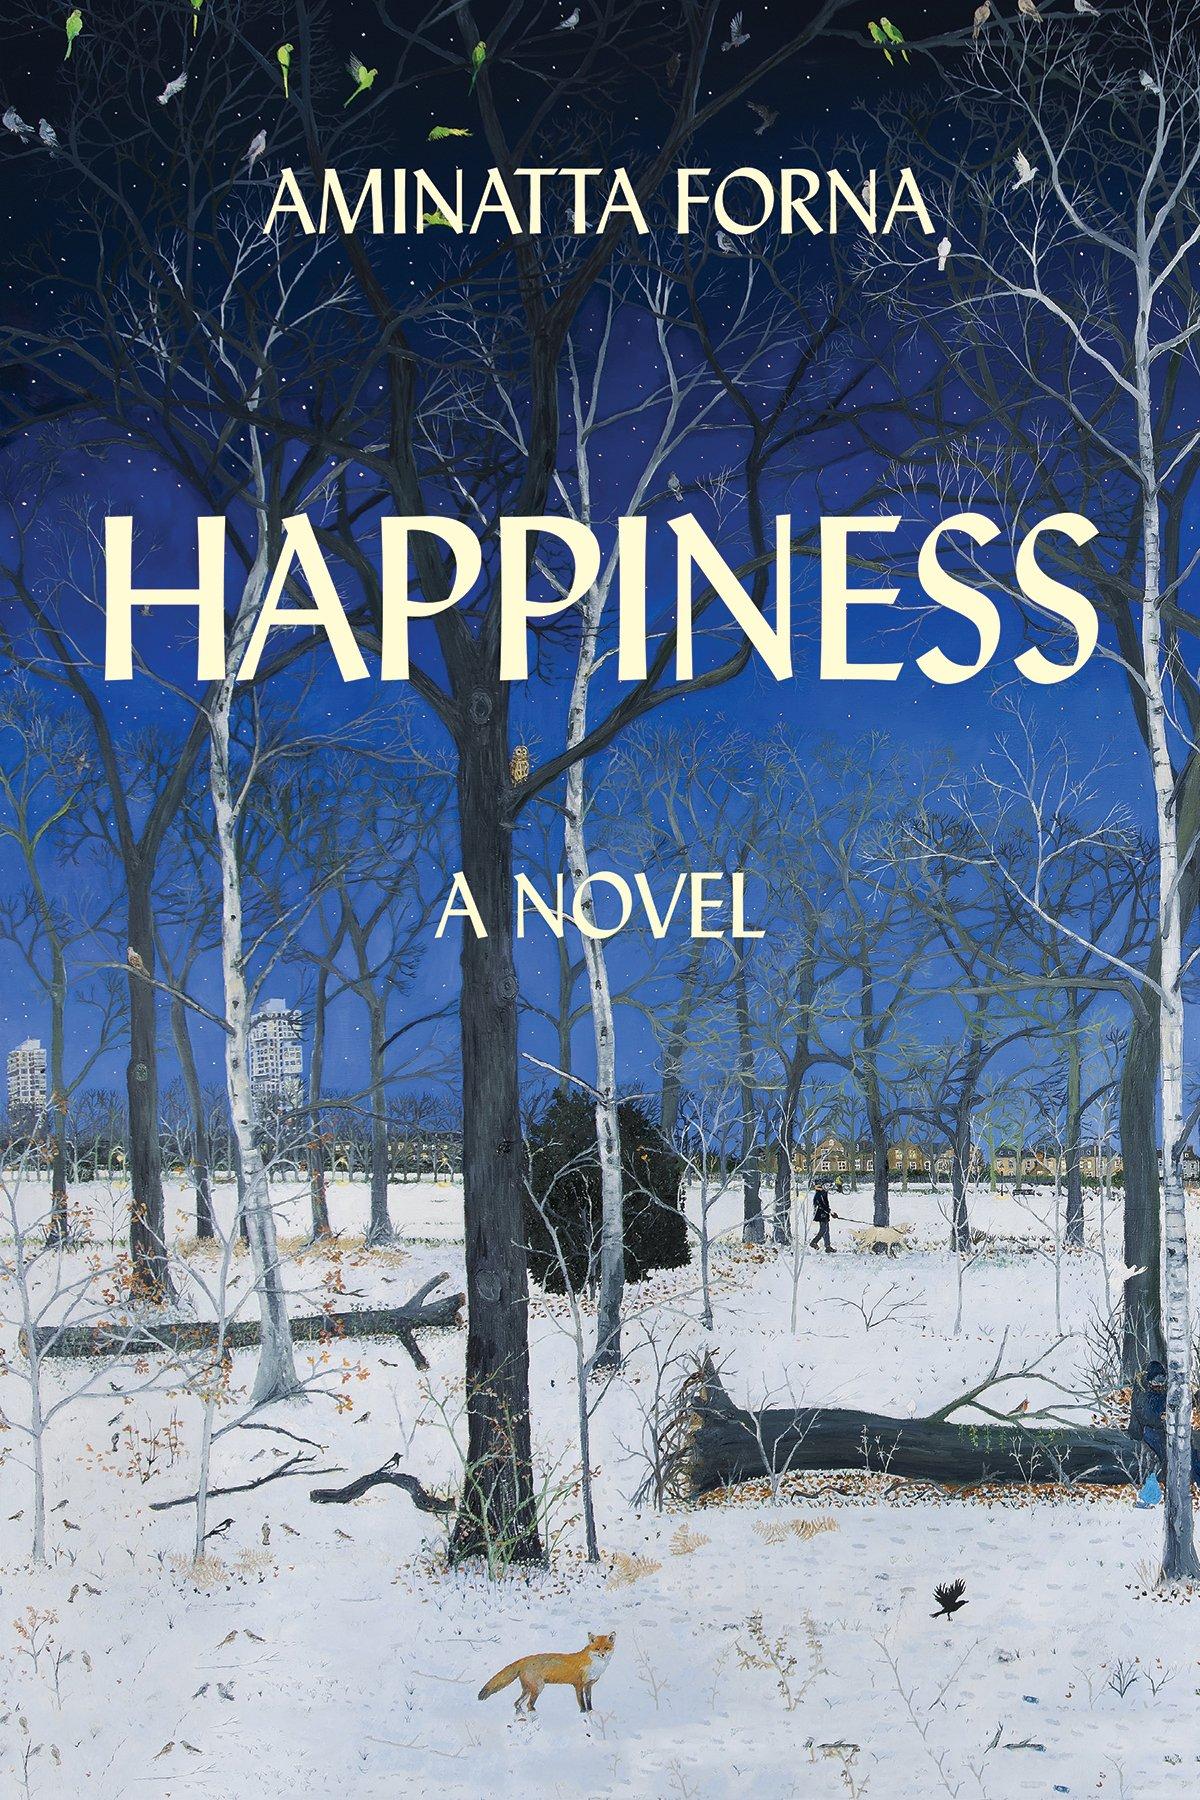 happiness a novel aminatta forna 9780802127556 amazon com books